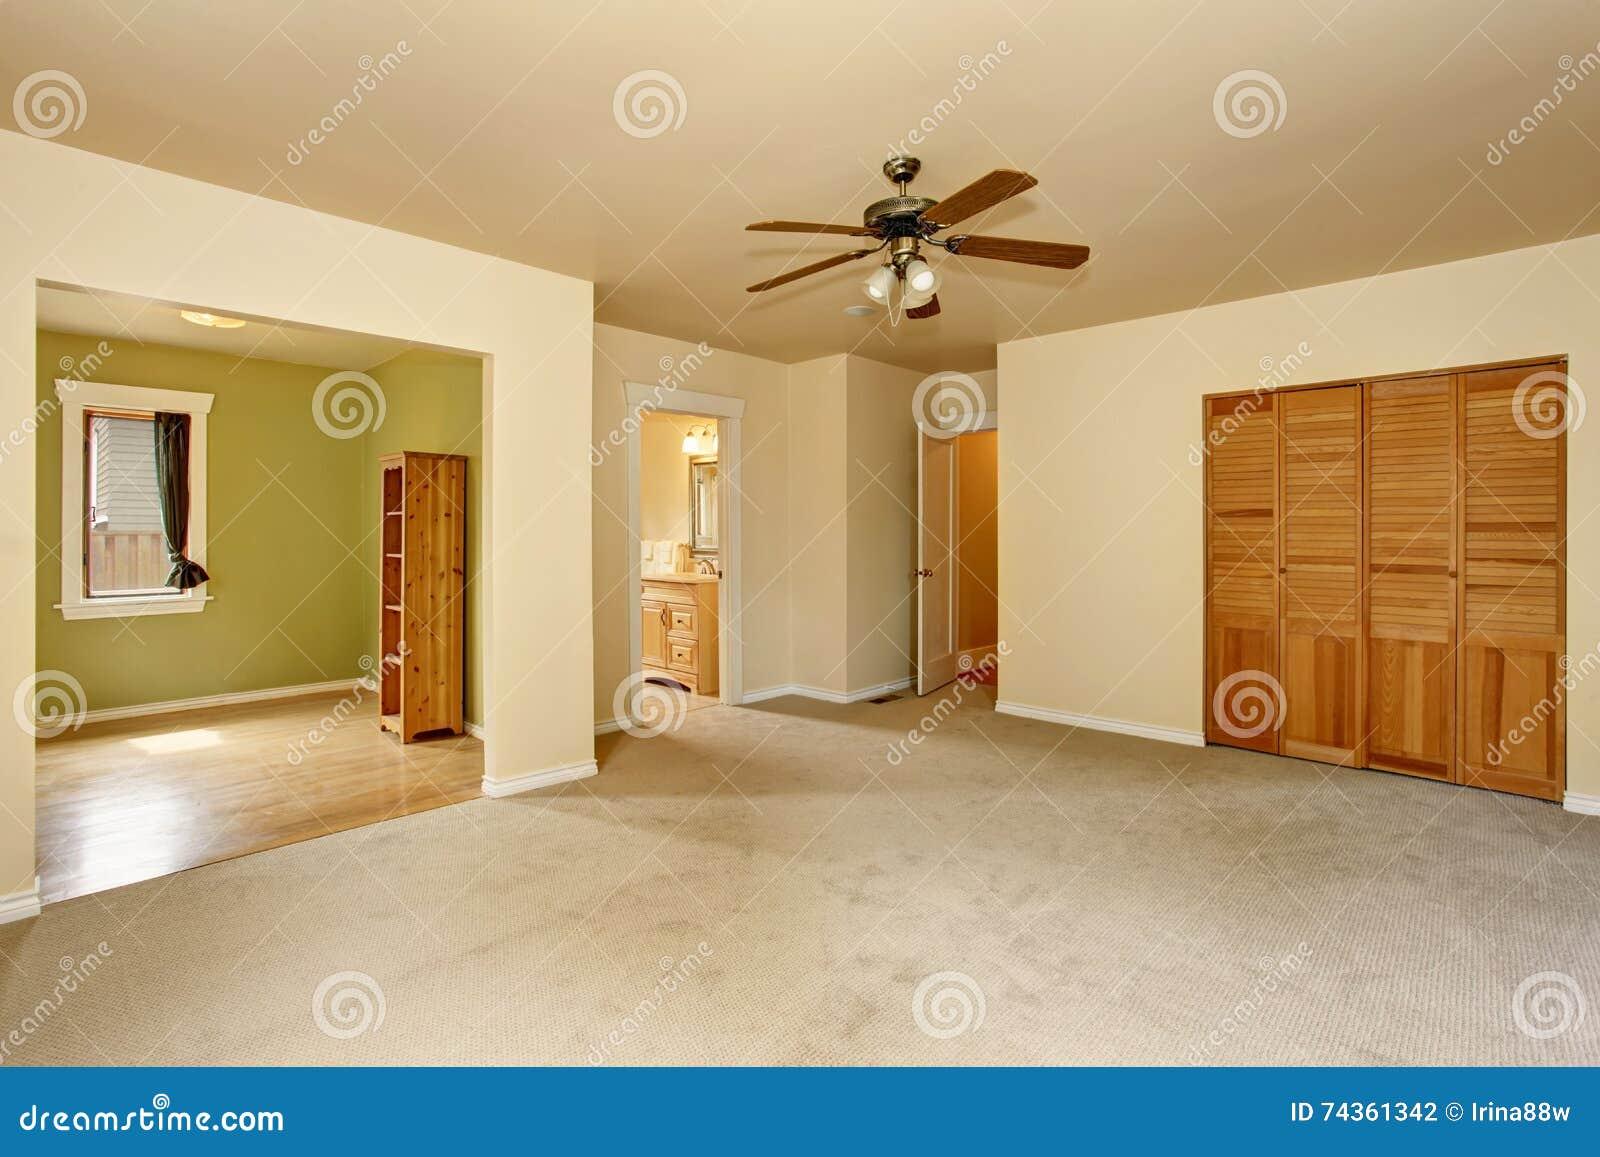 Vecchia casa di stile dell 39 artigiano con pittura interna for Migliori piani di casa artigiano